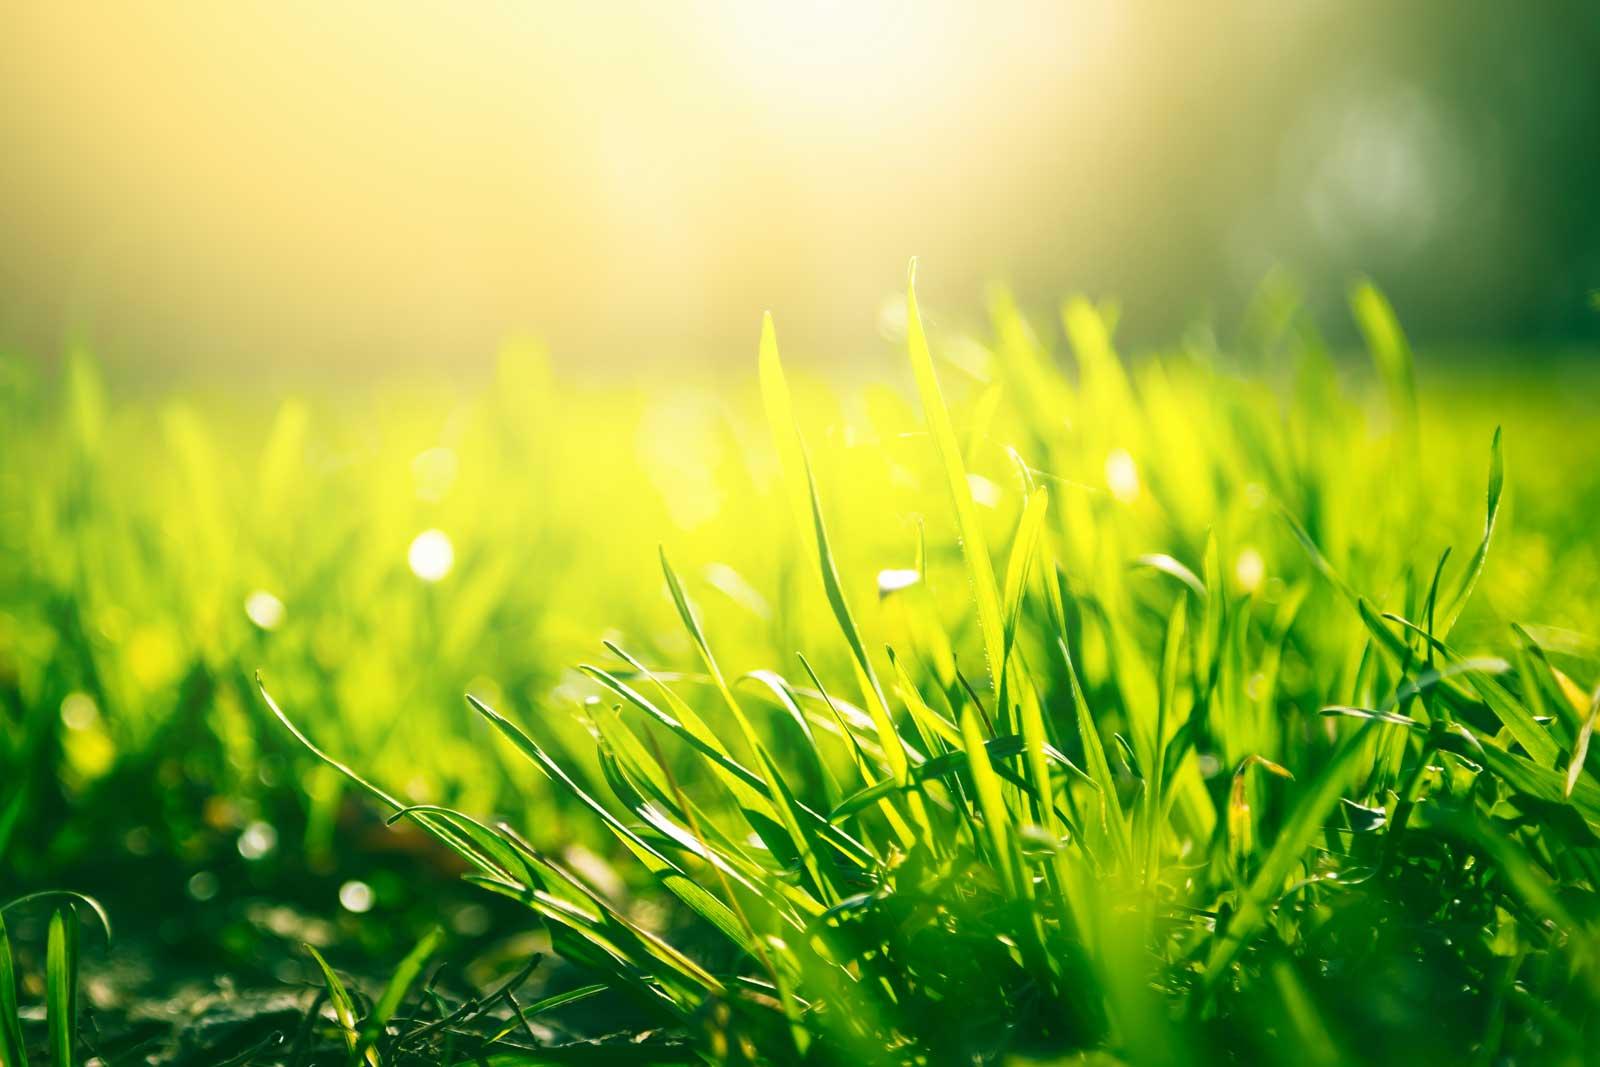 Grass shining in the sunshine